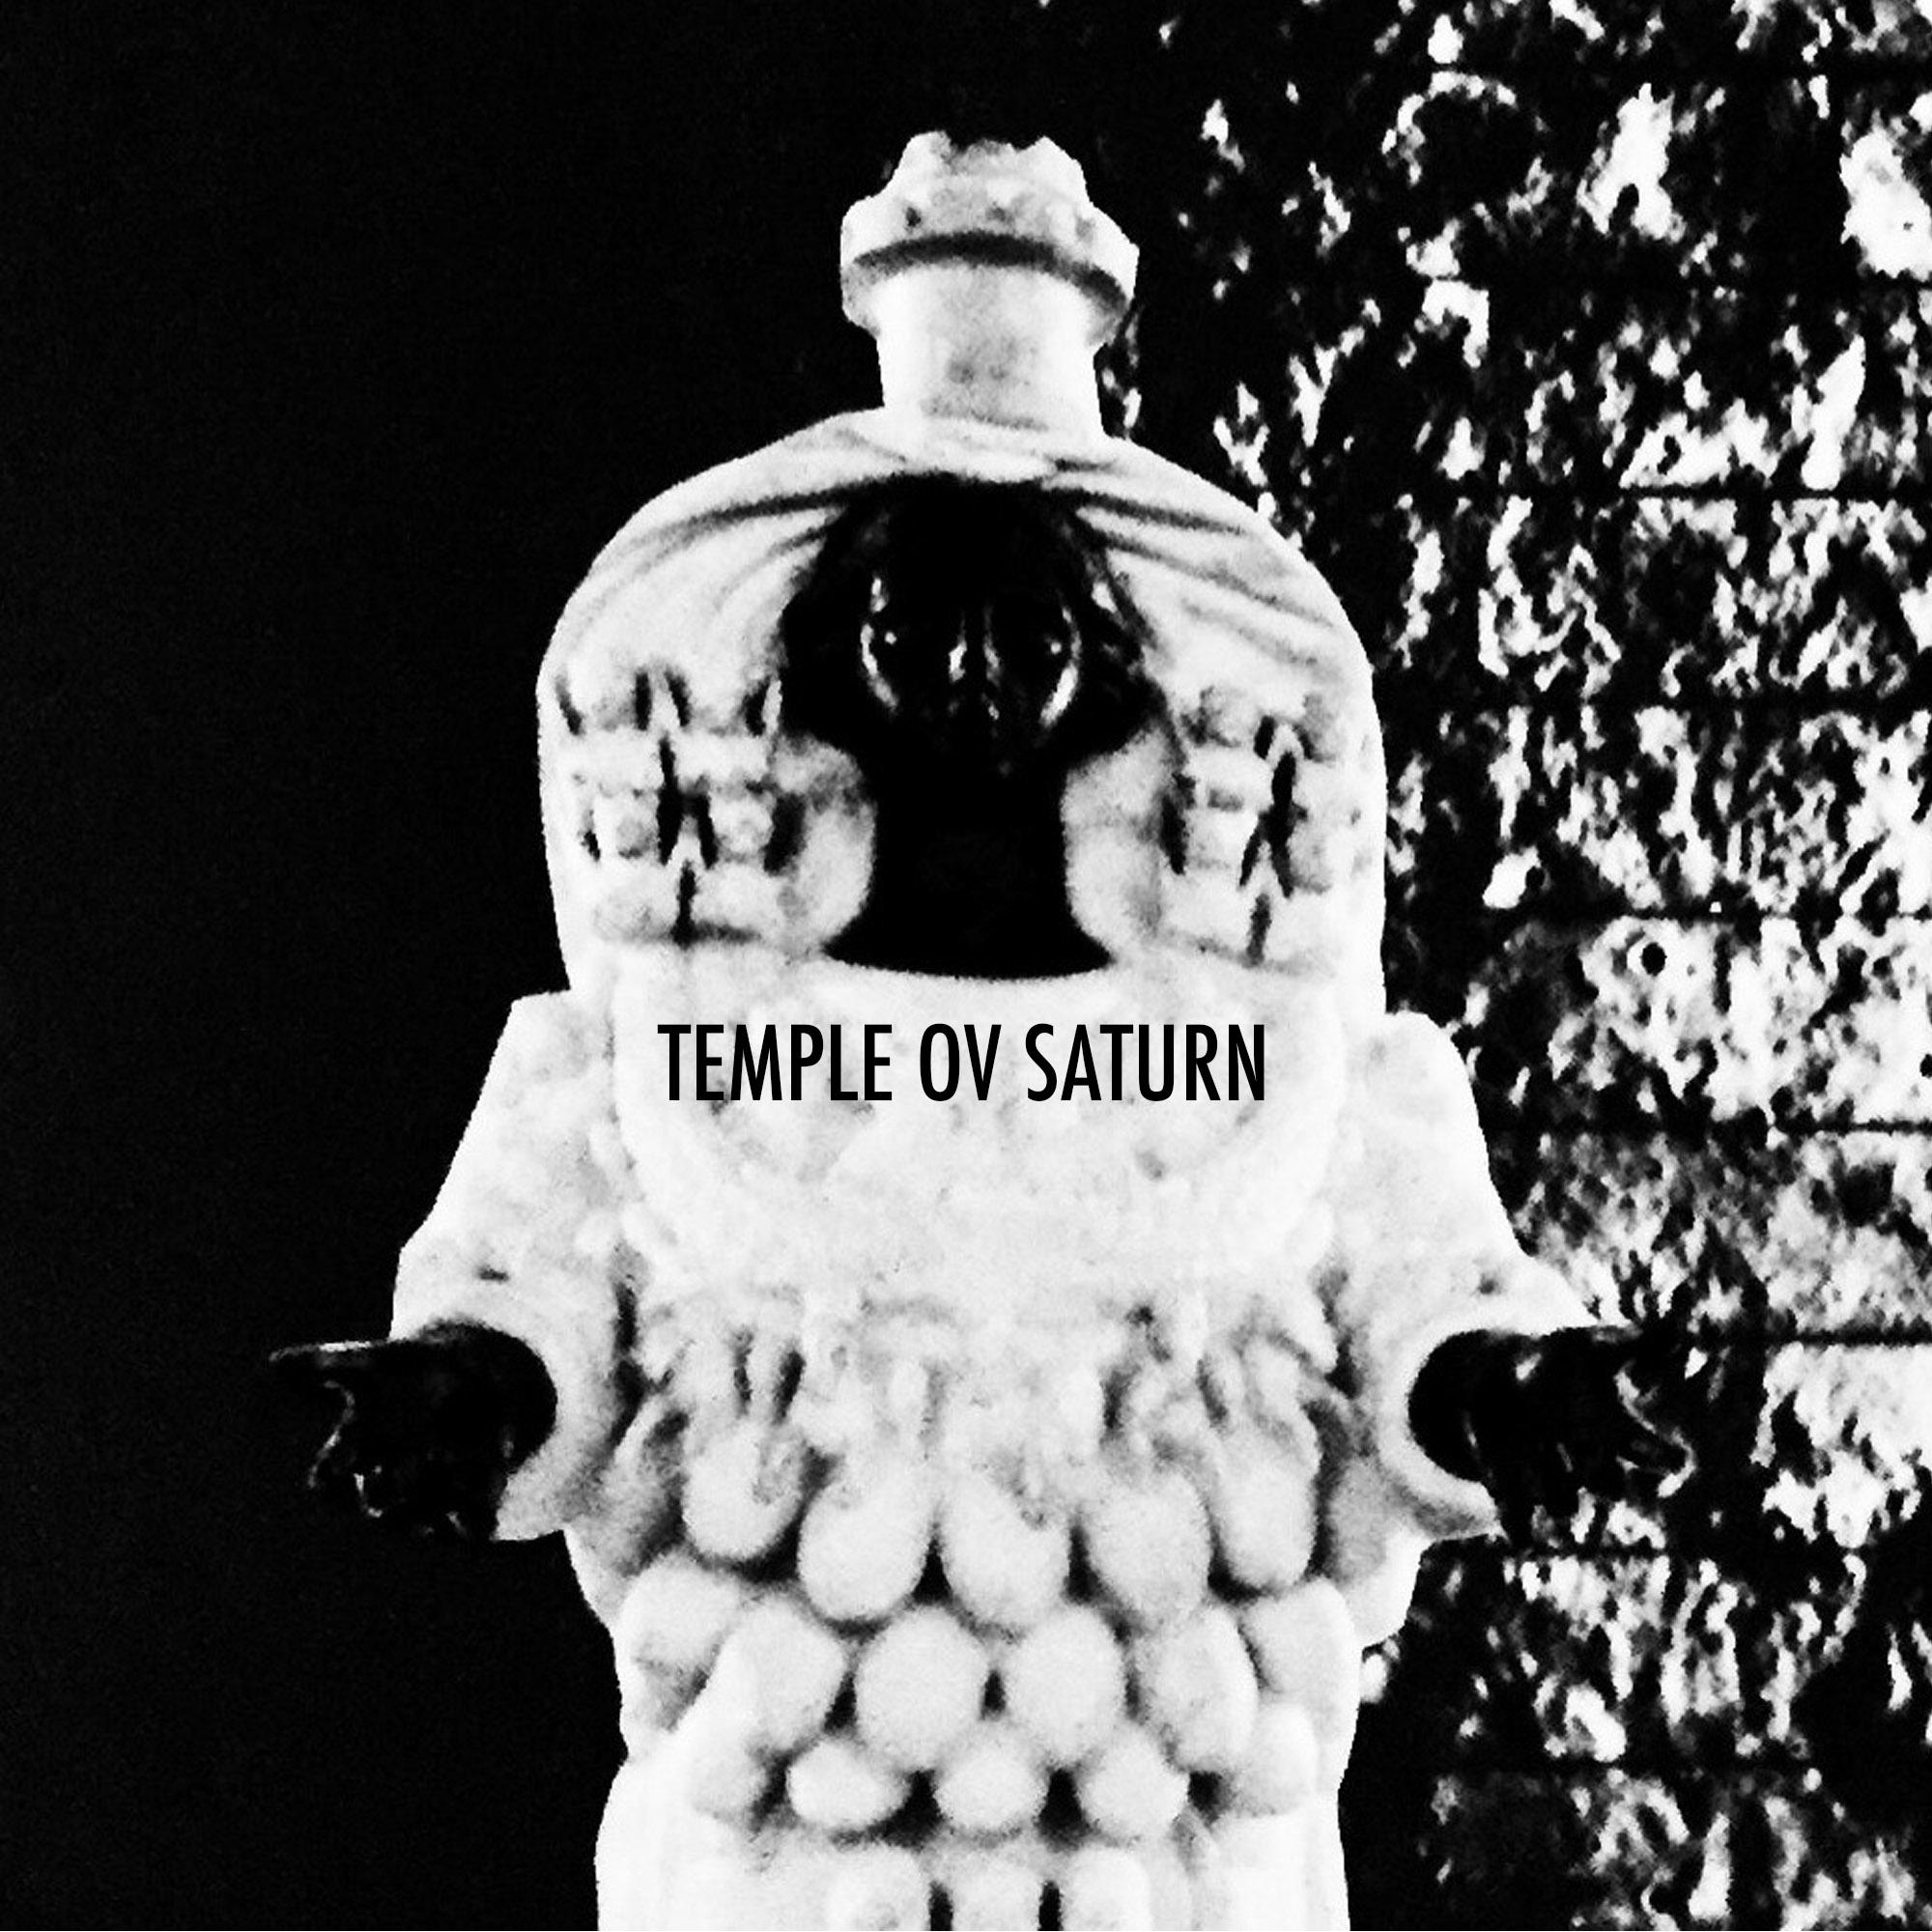 Temple ov Saturn - ▽